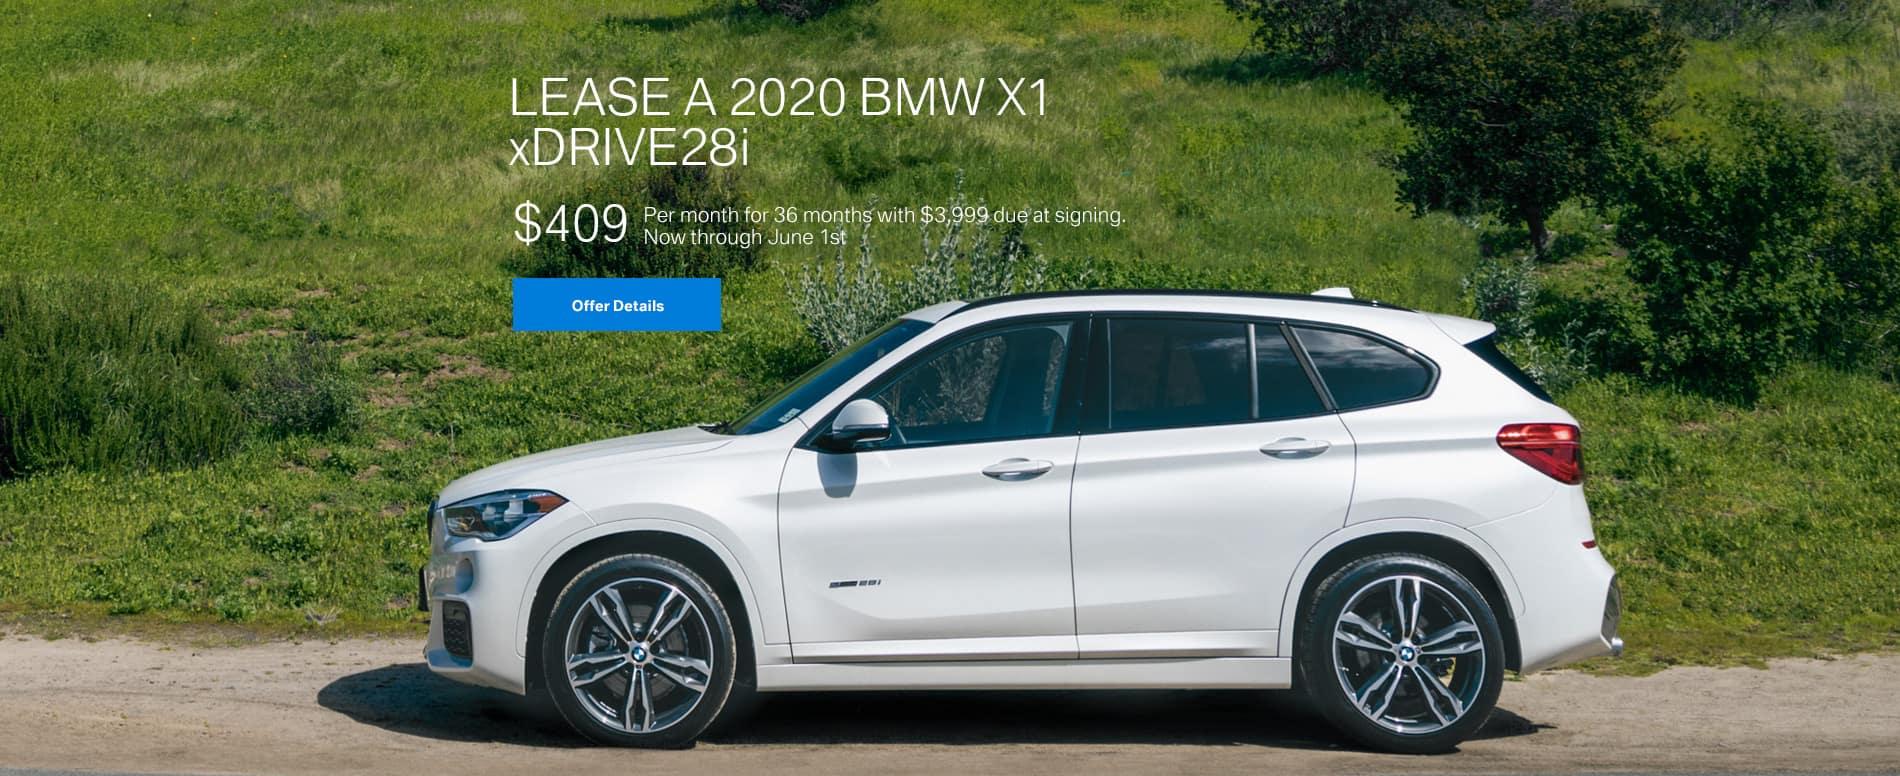 Lease a 2020 BMW X1 xDrive28i $409/mo.